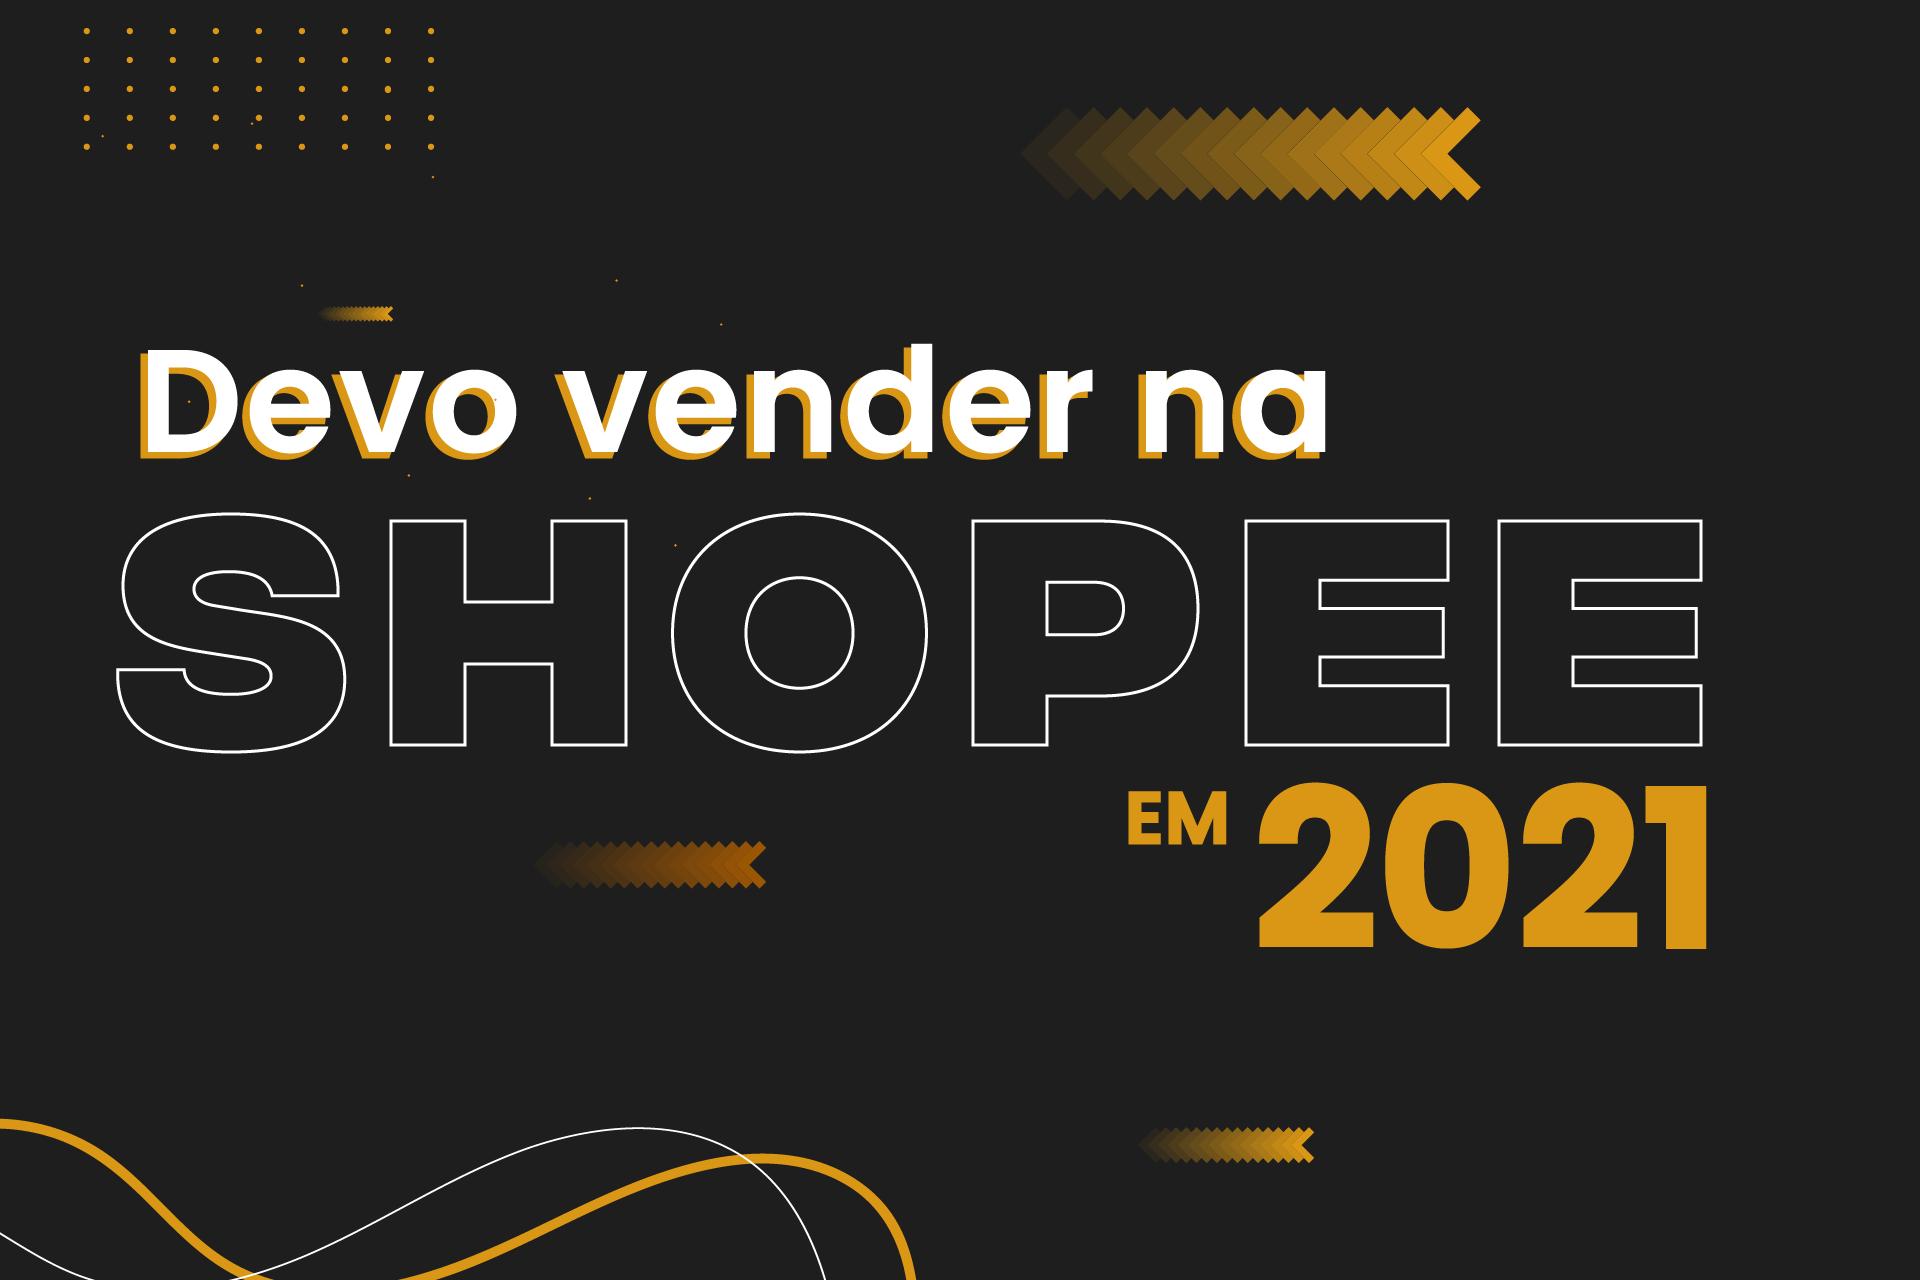 DEVO INVESTIR EM VENDER NA SHOPEE EM 2021?